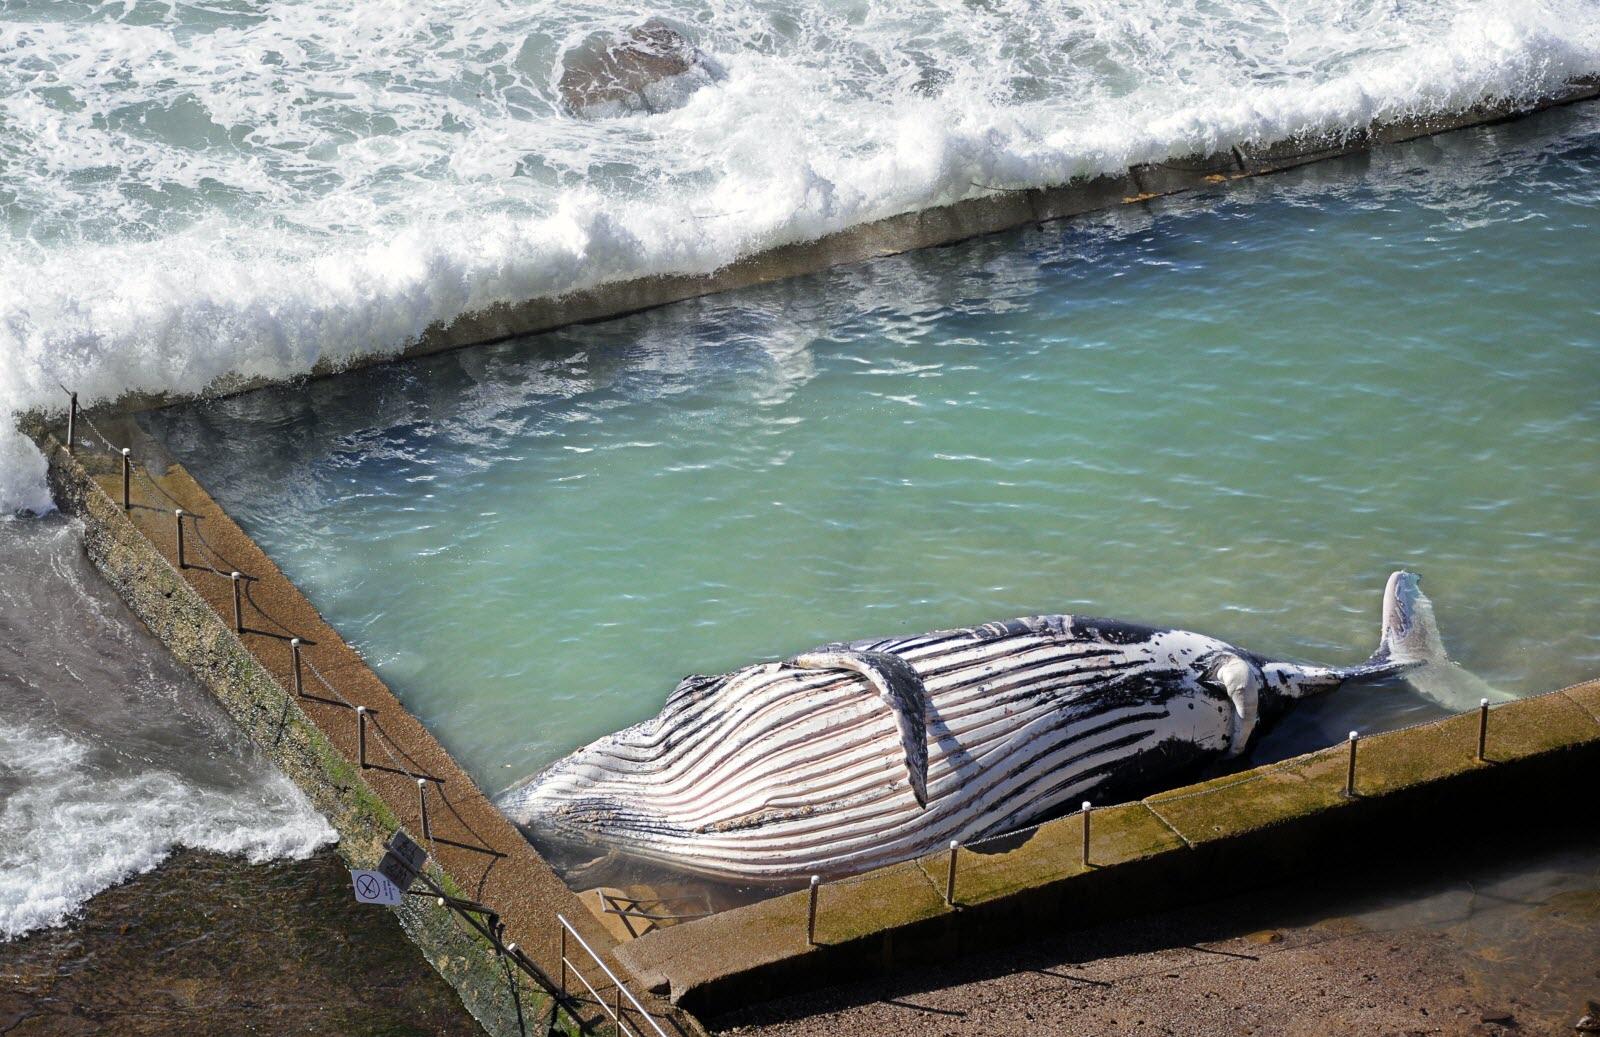 Insolite - Australie Le Cadavre D'Un Mammifère Marin Rejeté ... encequiconcerne Piscine De La Baleine